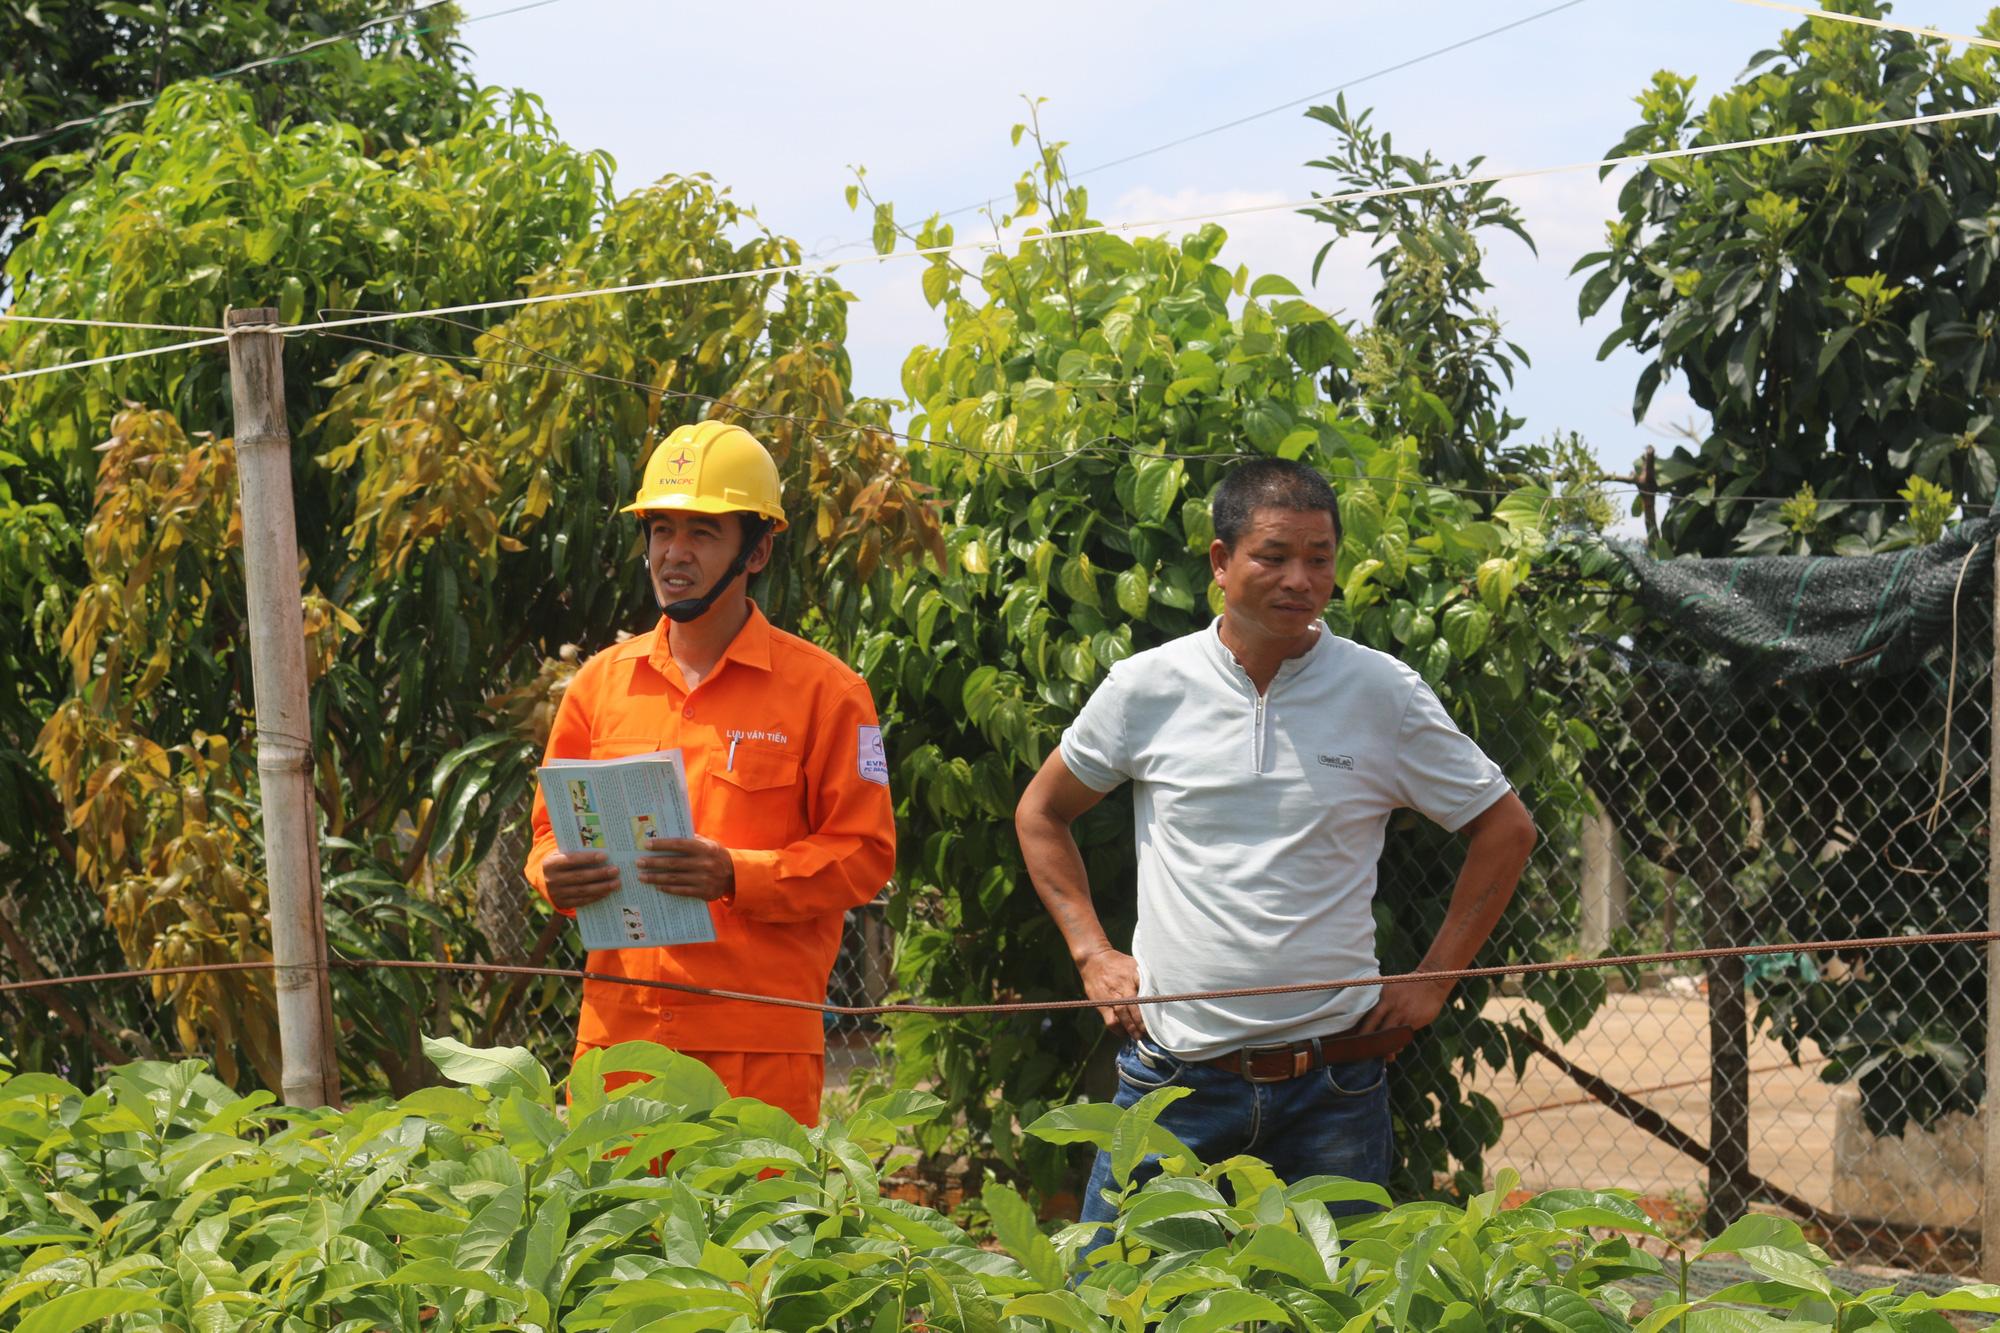 Đắk Nông: Chung tay tiết kiệm điện mùa nắng nóng - Ảnh 1.